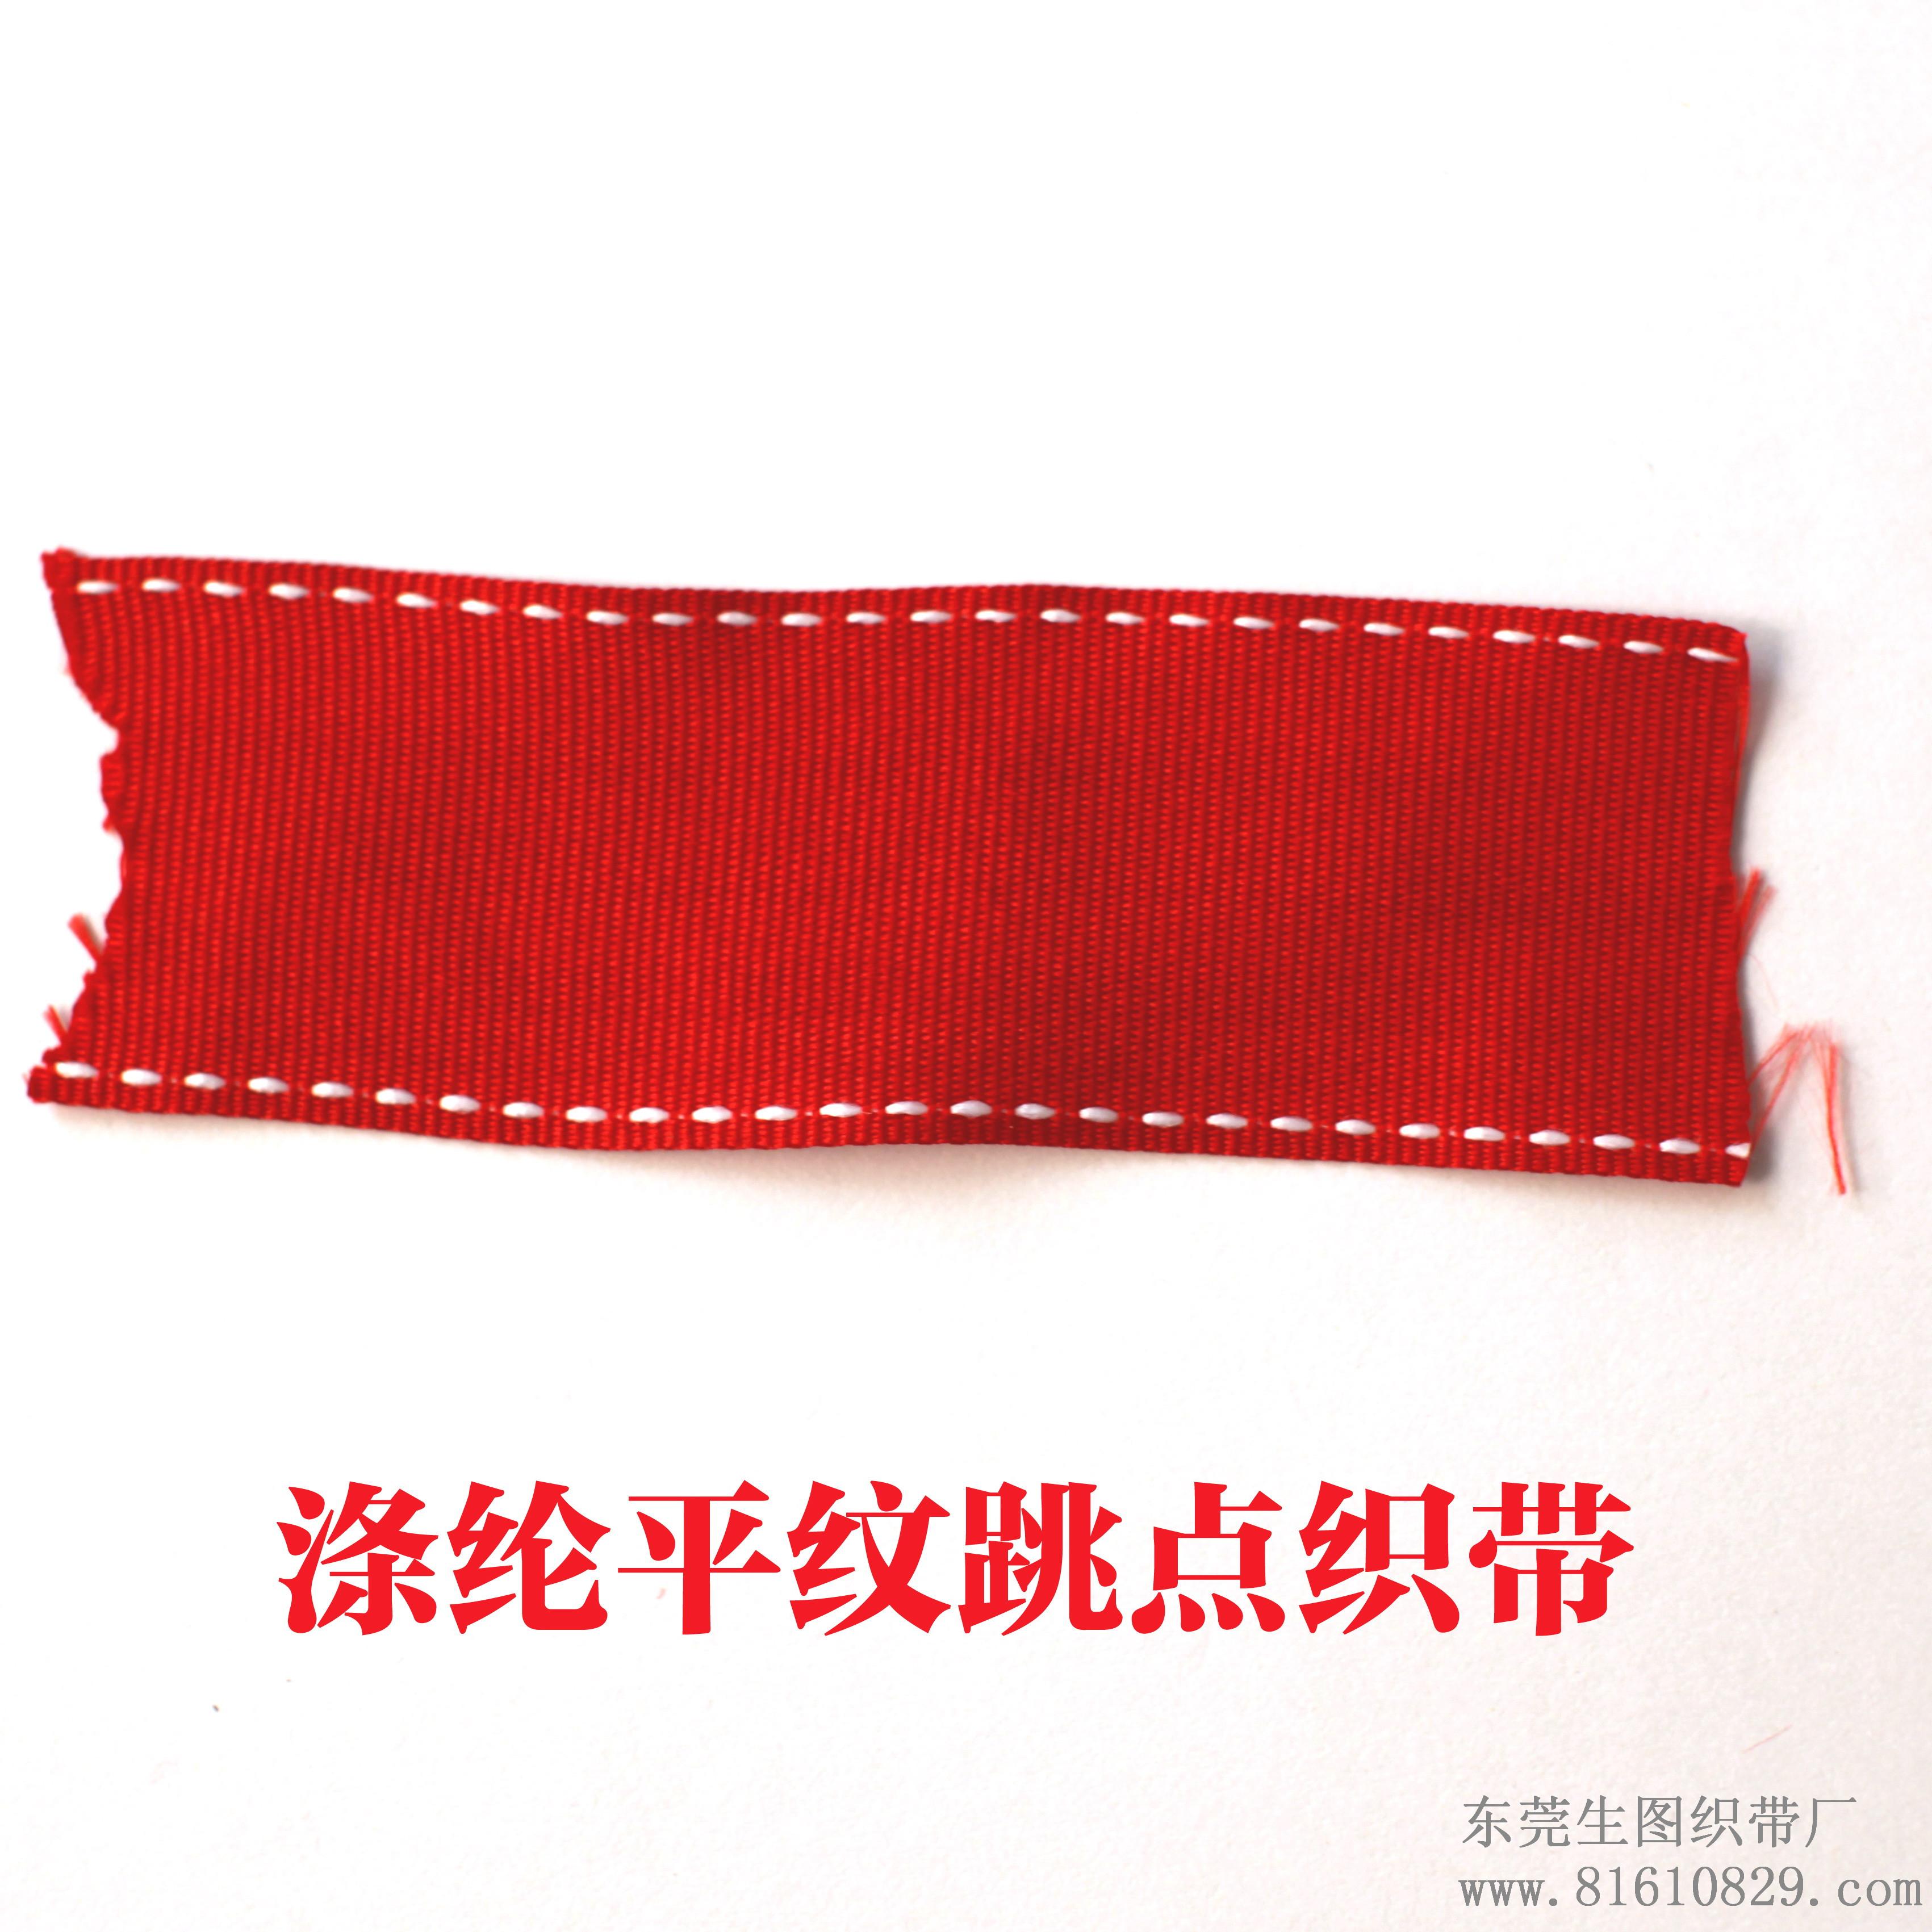 专业订做涤纶平纹跳点织带 服装辅料织带生产厂家